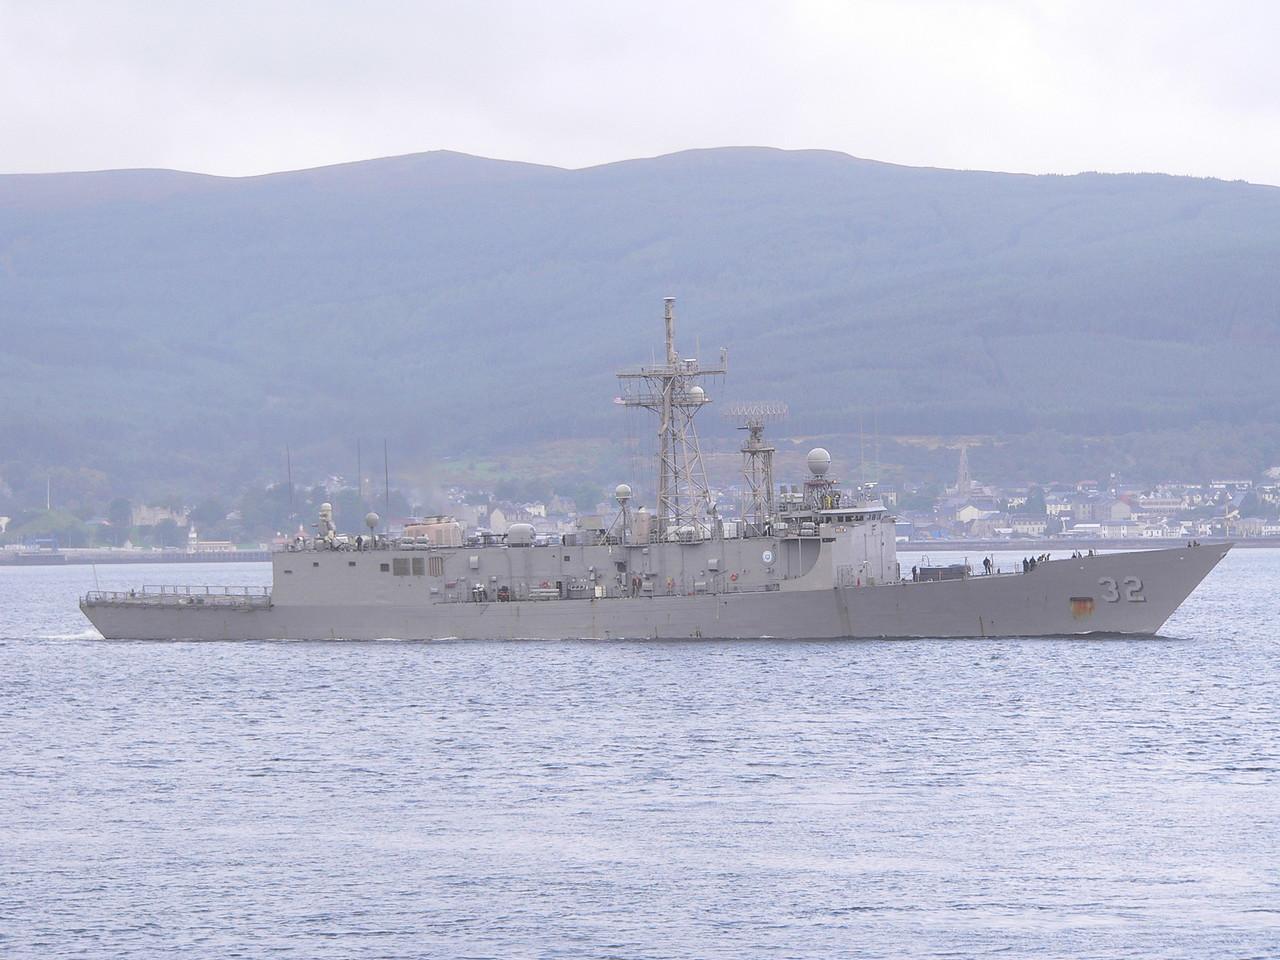 FFG-32 USS JOHN L HALL